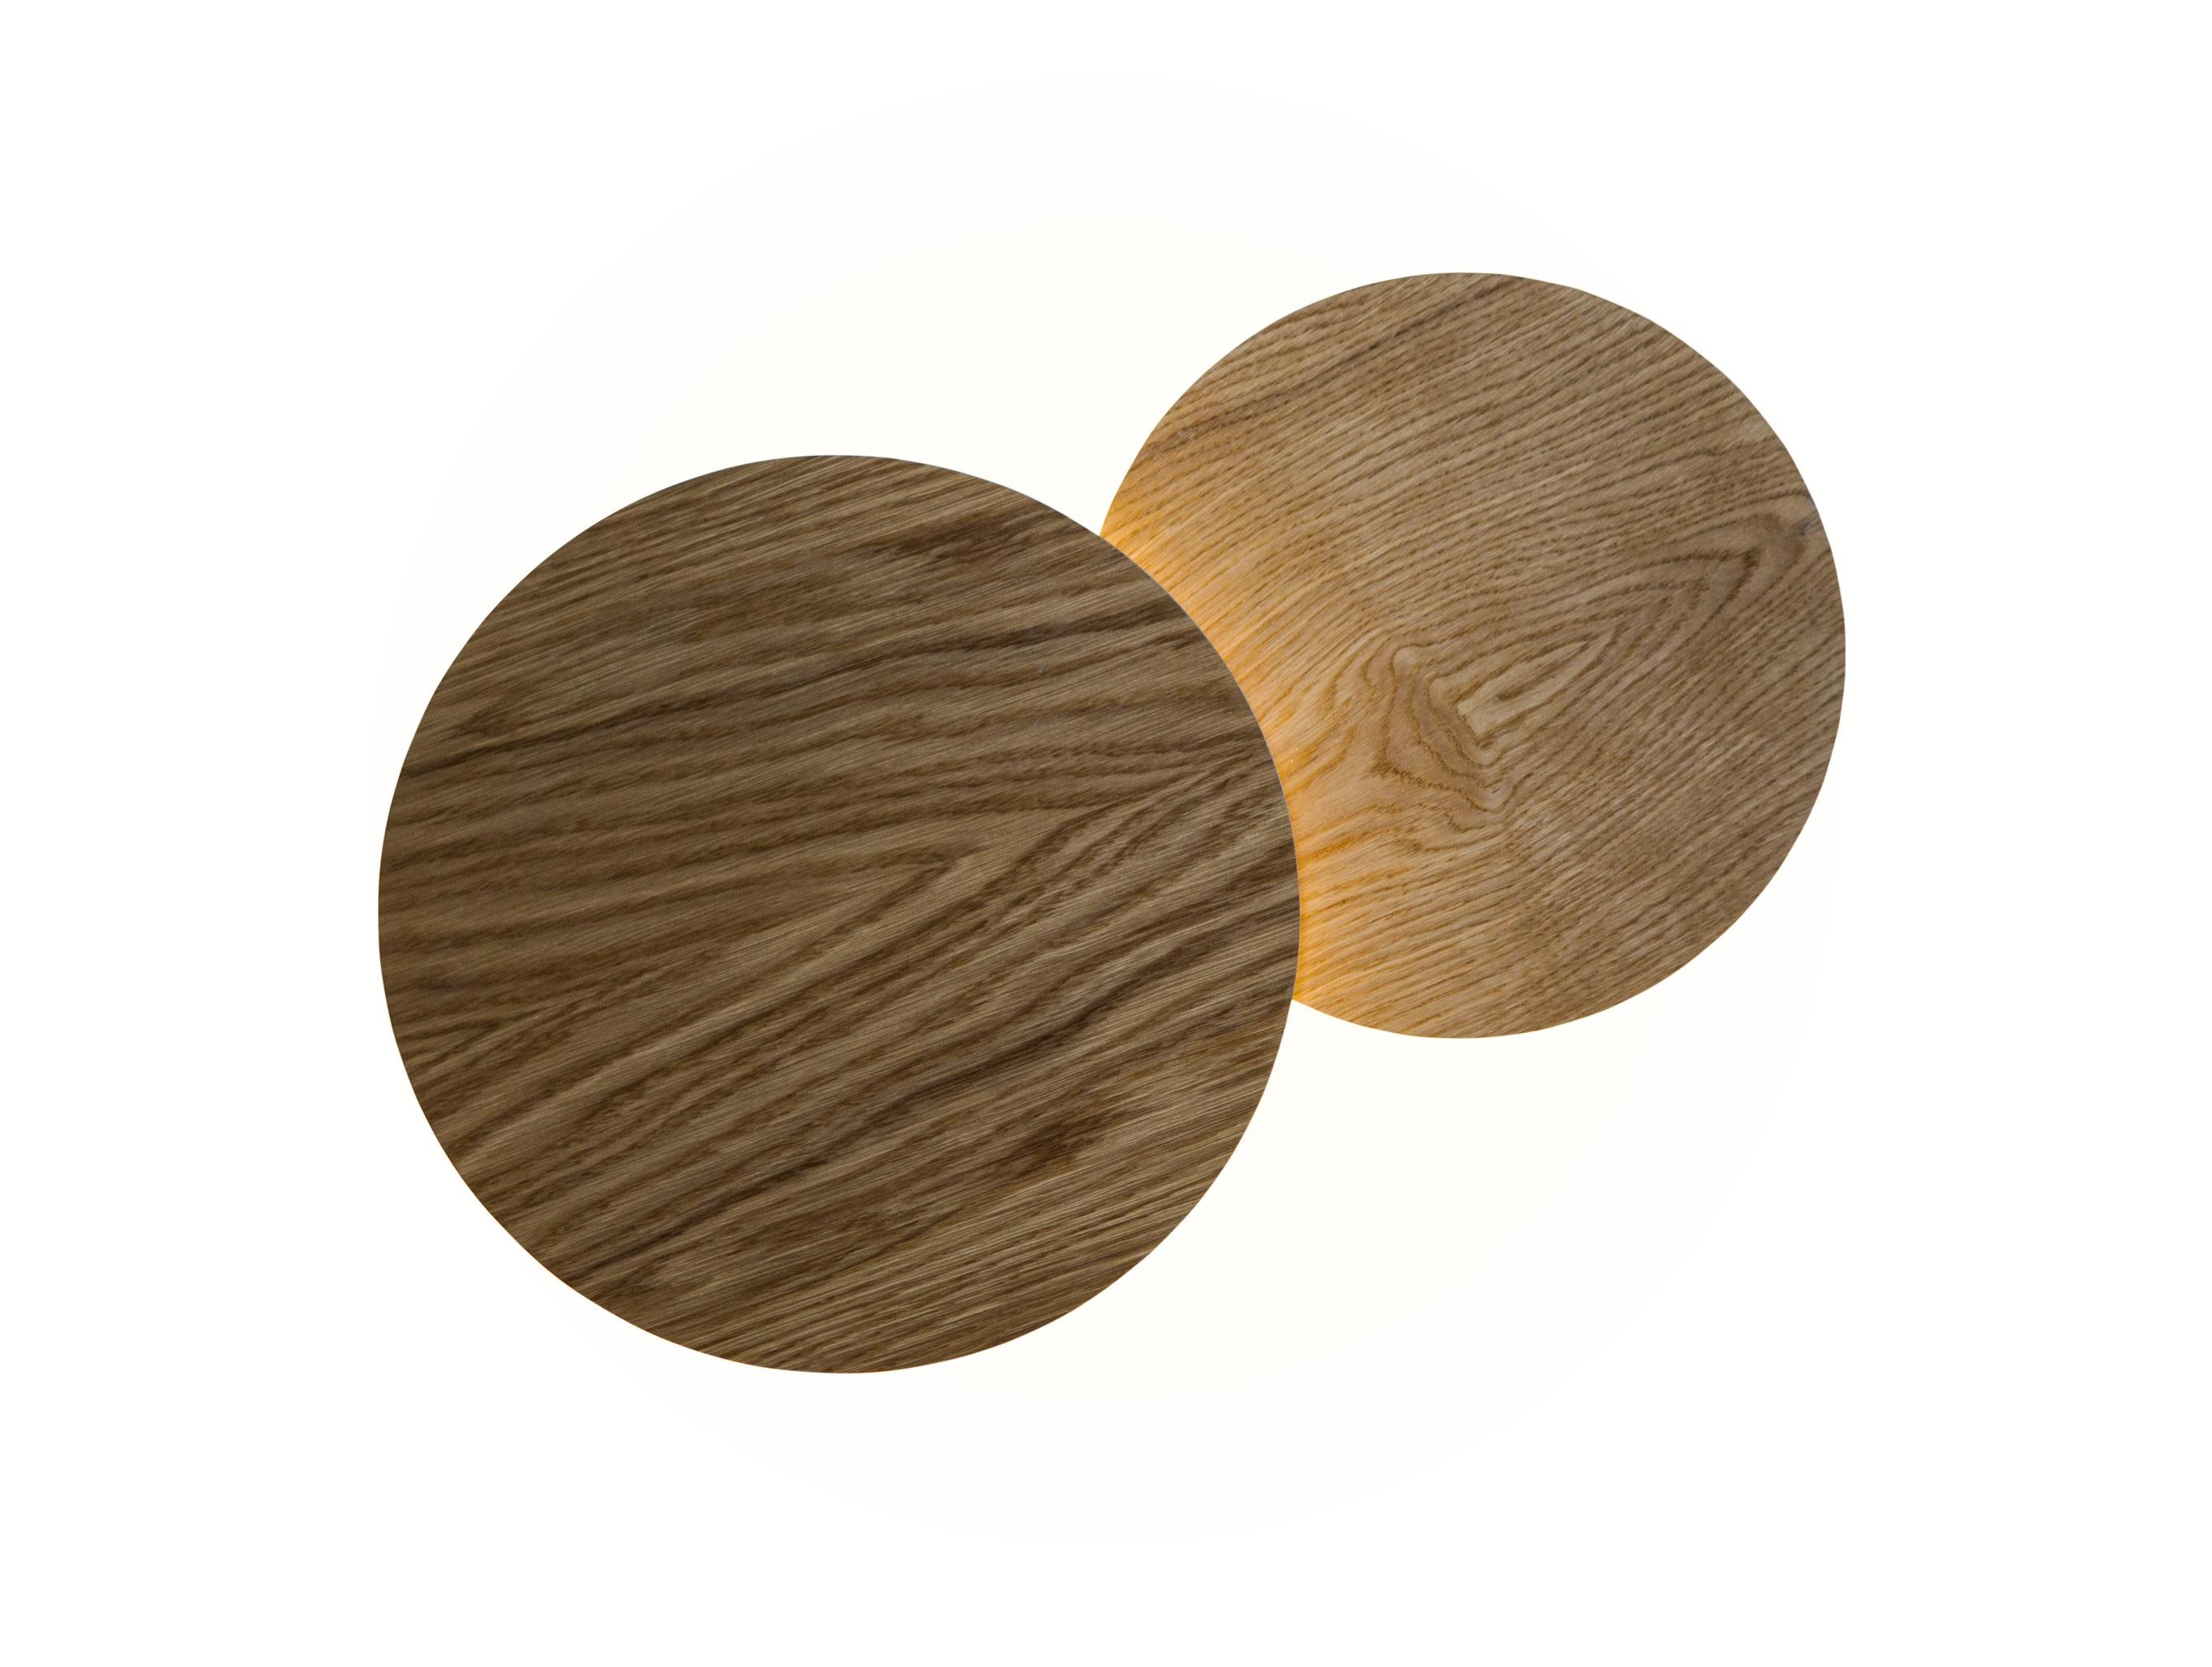 Бра ЗатмениеБра<br>&amp;lt;div&amp;gt;Представляем стильный дуэт настенных светильников из кругов. Лаконичные формы плафонов создают умиротворяющую и спокойную композицию, основанную на качественных материалах и точных инженерных решениях. Плафоны располагаются на разной высоте от стены и прячут крепеж, а также источник равномерно распределённого света, создавая впечатление, будто светильники парят в воздухе.&amp;lt;br&amp;gt;&amp;lt;/div&amp;gt;&amp;lt;div&amp;gt;&amp;lt;br&amp;gt;&amp;lt;/div&amp;gt;&amp;lt;div&amp;gt;Вид цоколя: LED&amp;lt;br&amp;gt;&amp;lt;/div&amp;gt;&amp;lt;div&amp;gt;&amp;lt;div&amp;gt;Мощность: &amp;amp;nbsp;14,4W&amp;amp;nbsp;&amp;lt;/div&amp;gt;&amp;lt;div&amp;gt;Количество ламп: 1 (в комплекте)&amp;lt;/div&amp;gt;&amp;lt;/div&amp;gt;<br><br>Material: Алюминий<br>Width см: 56<br>Depth см: 8.5<br>Height см: 32